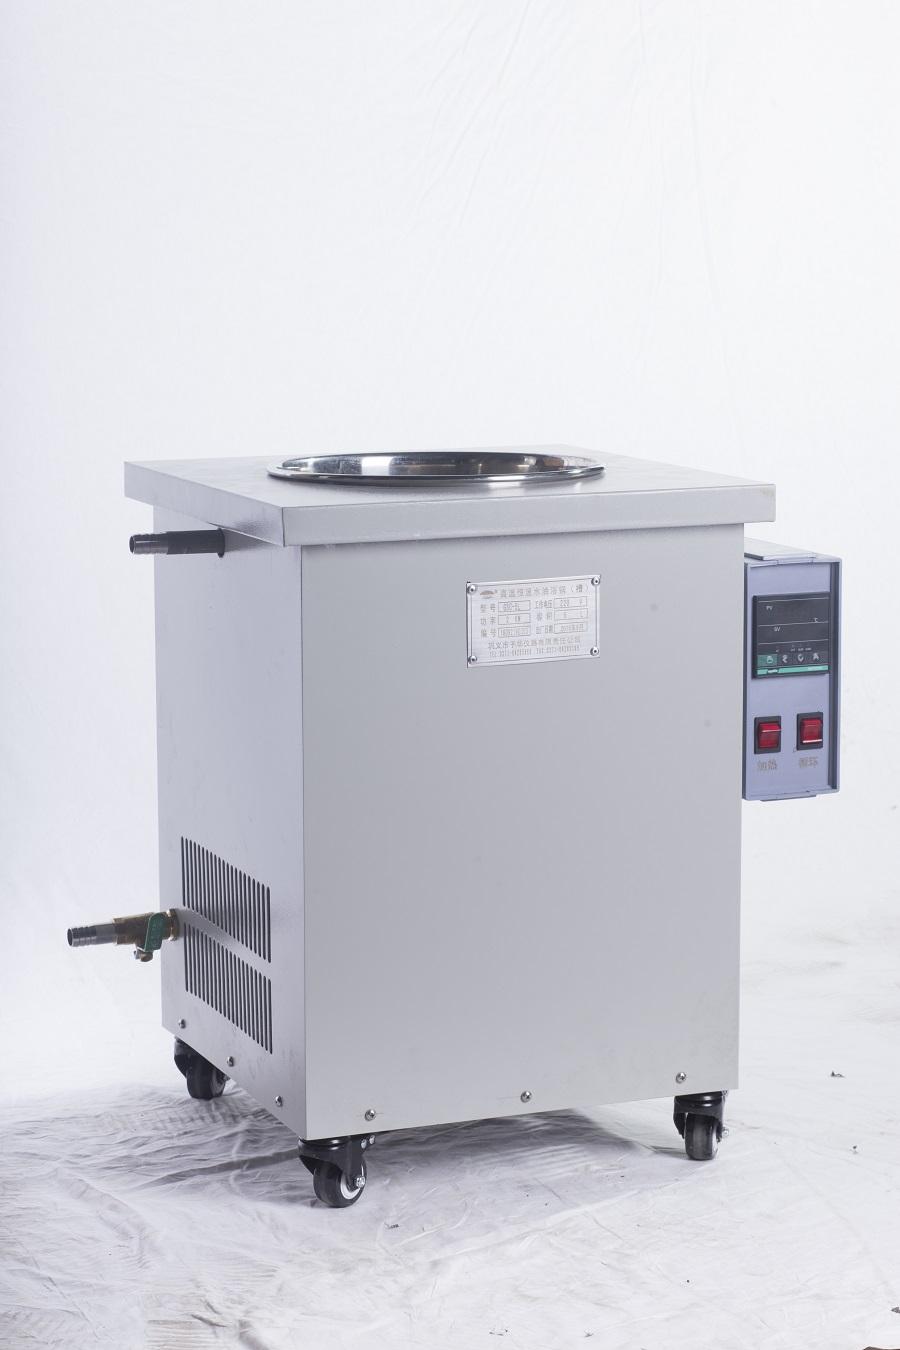 巩义市予华仪器提供质量好的高温油浴锅-陕西高温油浴锅厂家